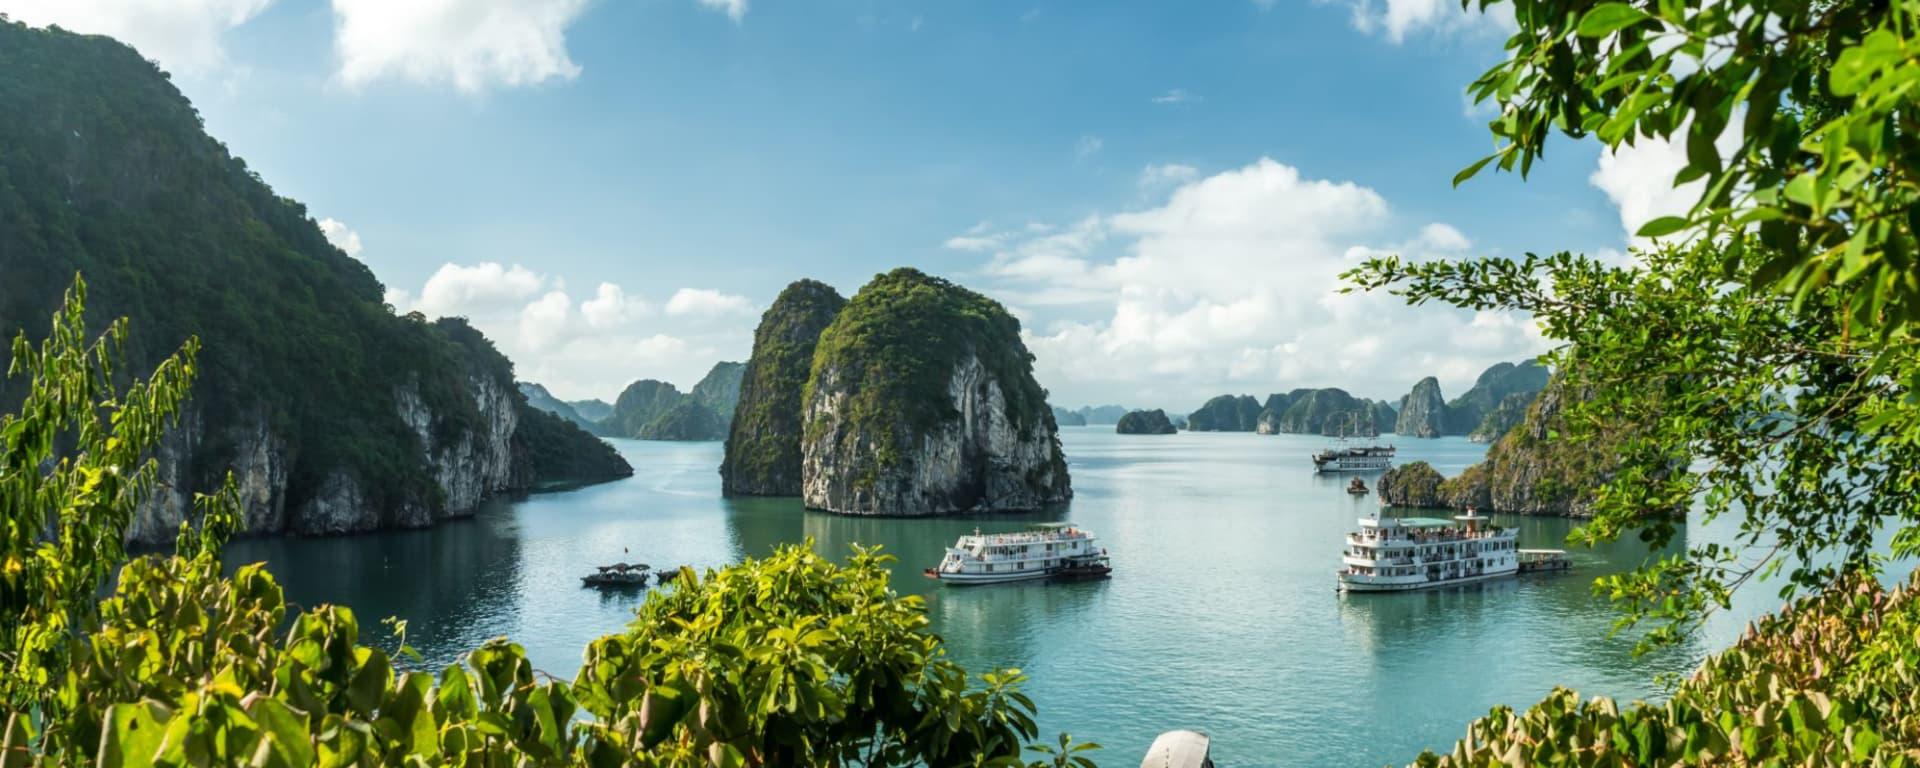 Wissenswertes zu Vietnam Reisen und Ferien: Halong Bay